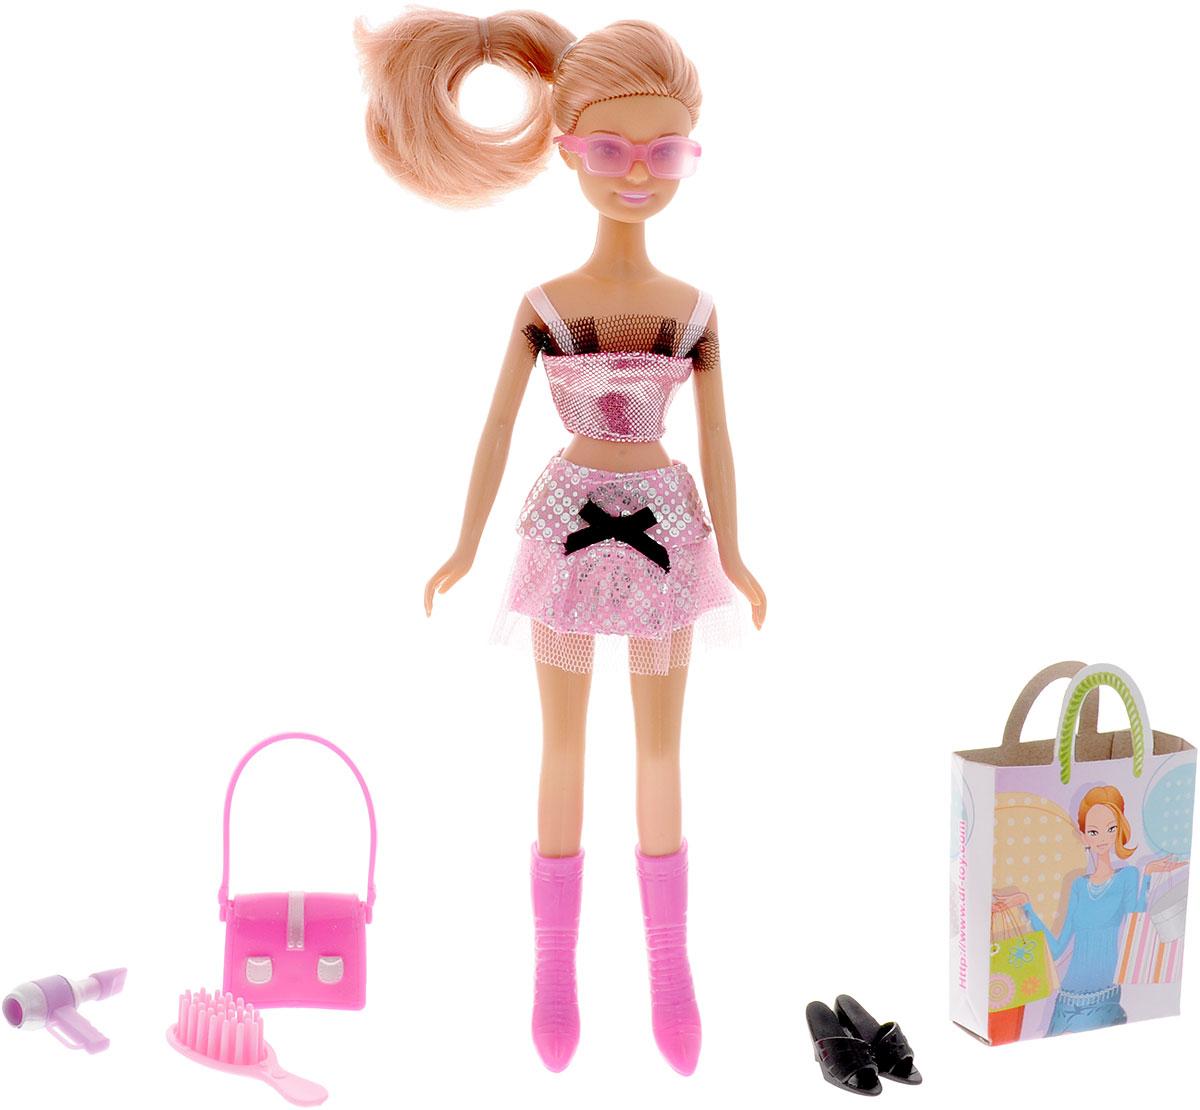 Defa Кукла Lucy Модница цвет наряда серебряный розовый